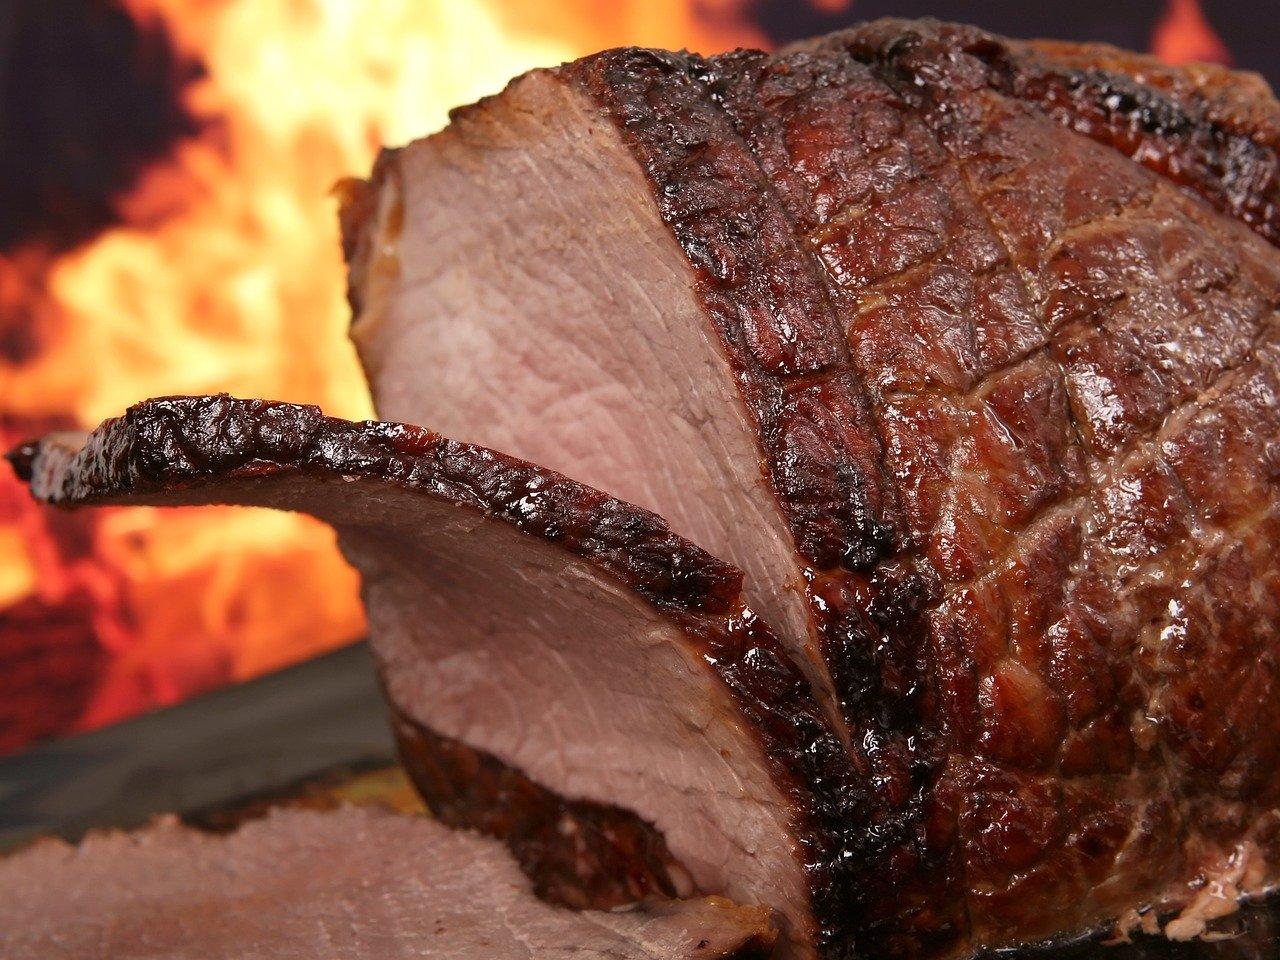 Roślinne substytuty mięsa - Zdjęcie główne